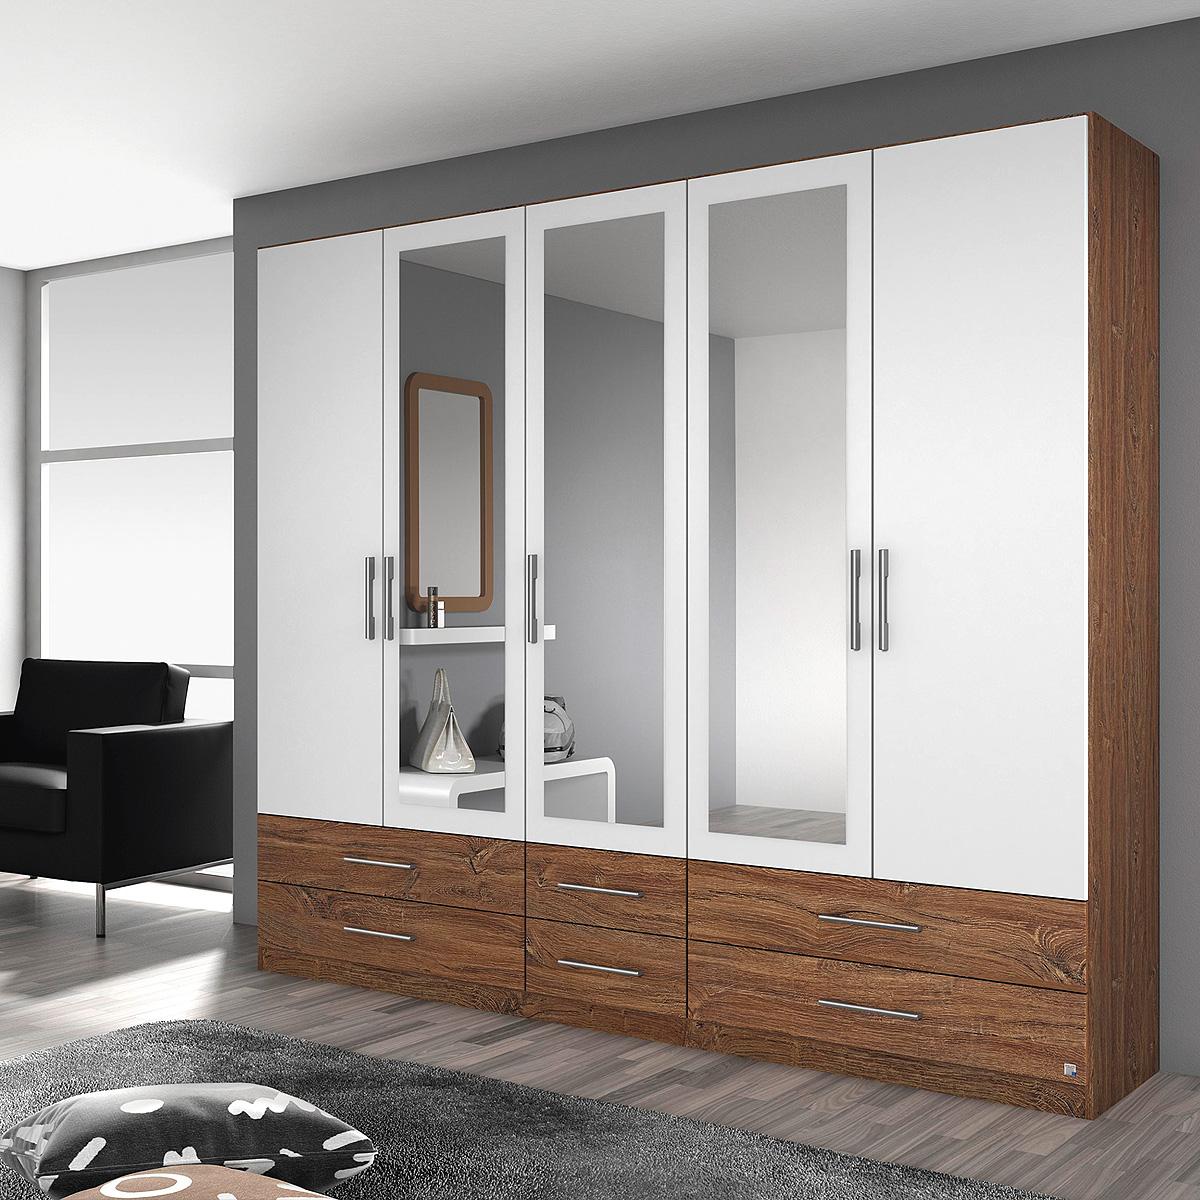 kleiderschrank hersbruck schrank in wei grau metallic oder eiche stirling 226 ebay. Black Bedroom Furniture Sets. Home Design Ideas